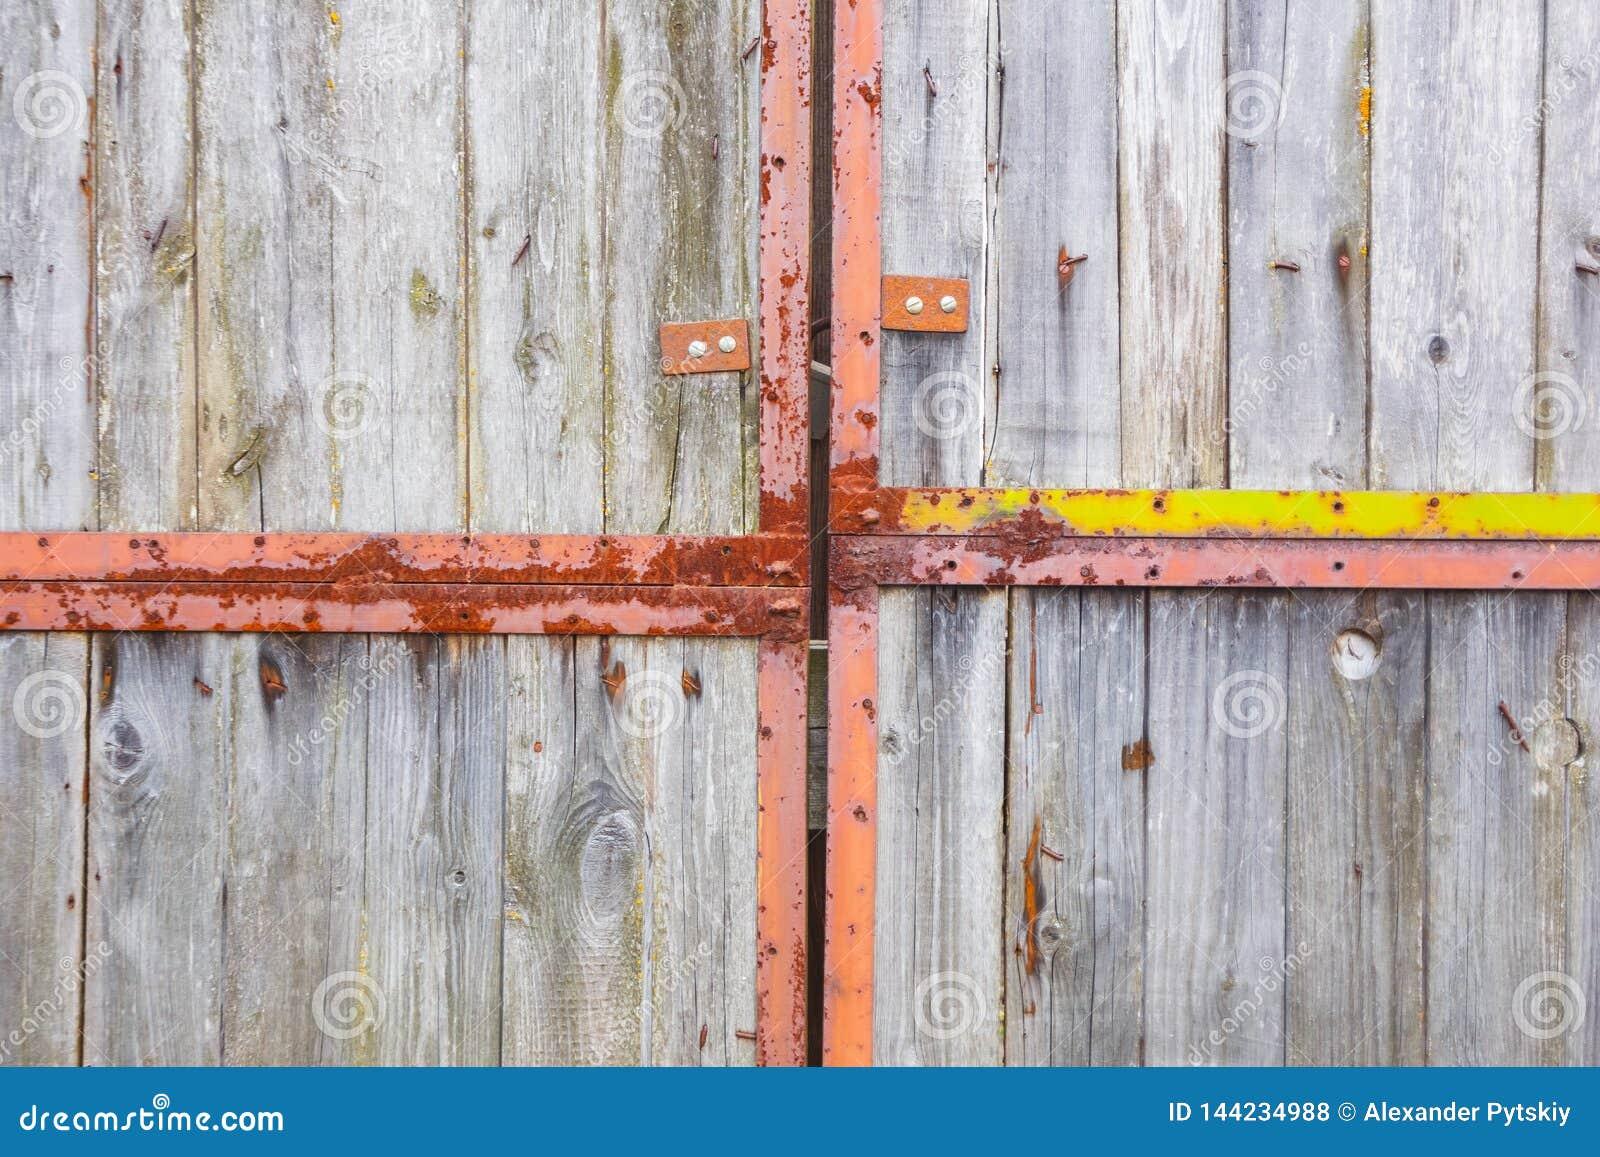 Oude grijze poort op grote roestige scharnieren